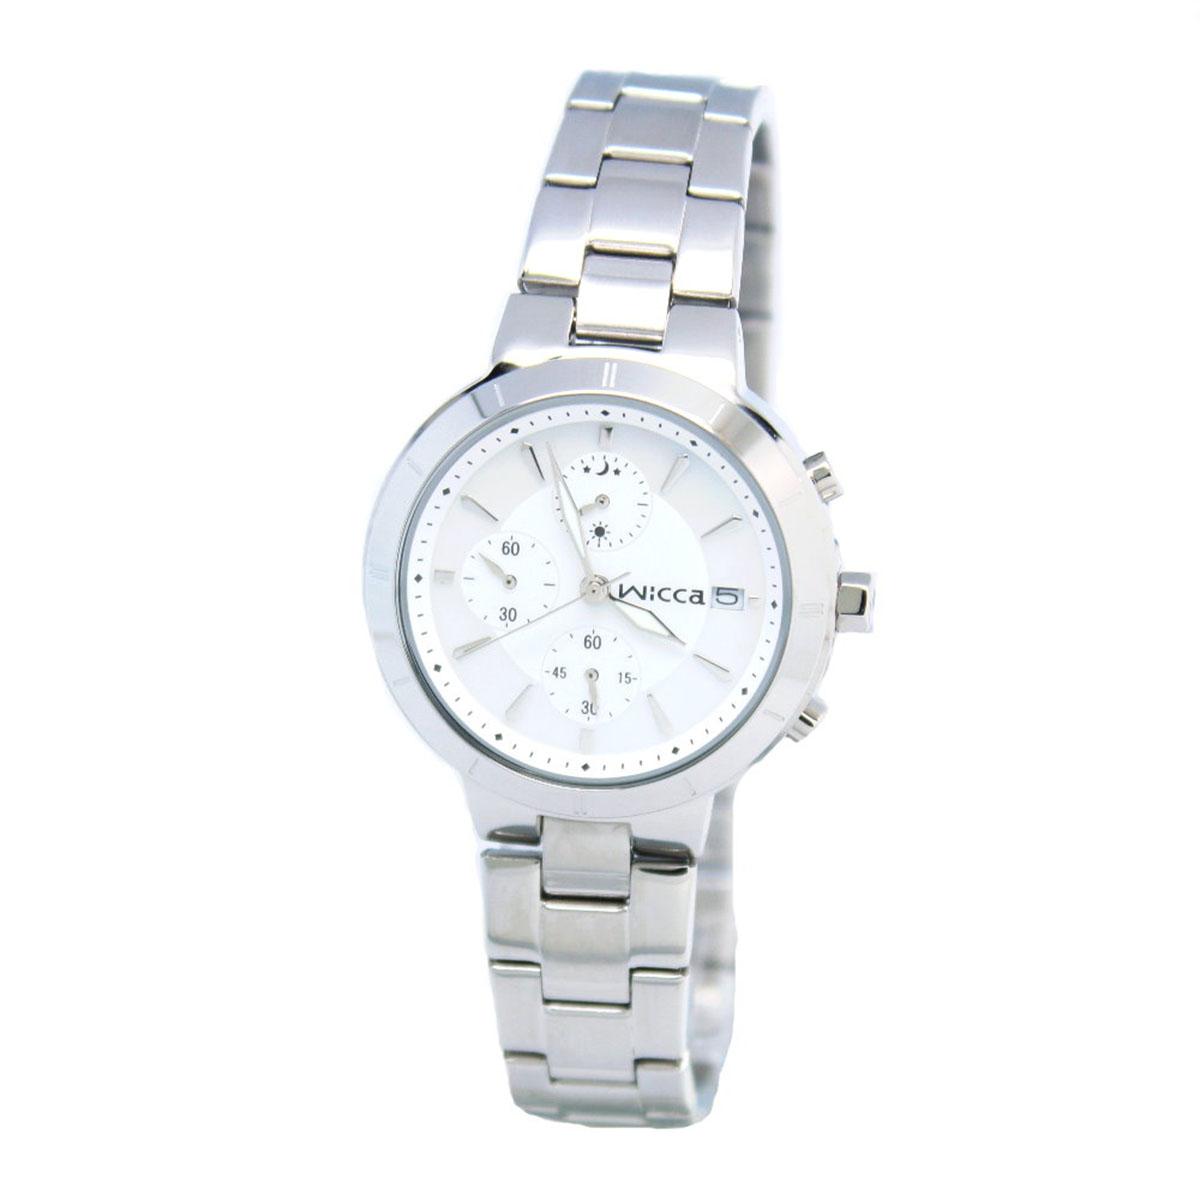 นาฬิกาผู้หญิง Citizen รุ่น BM2-217-11, Casual Chrono Analog Silver Watch